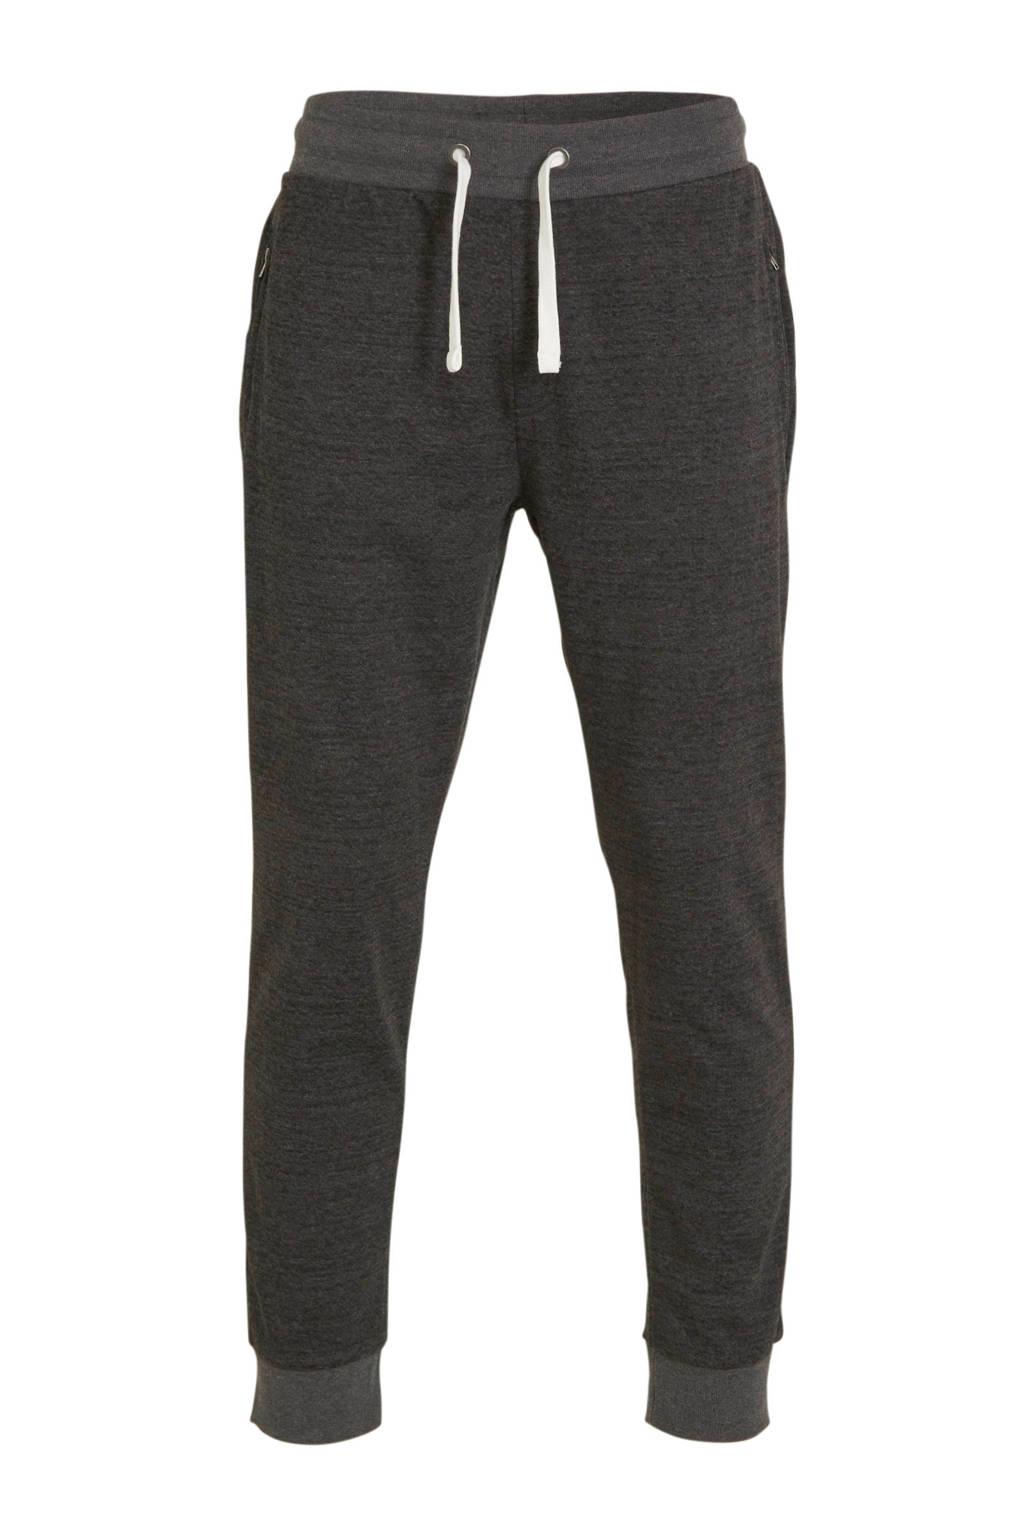 C&A regular fit joggingbroek zwart, Zwart